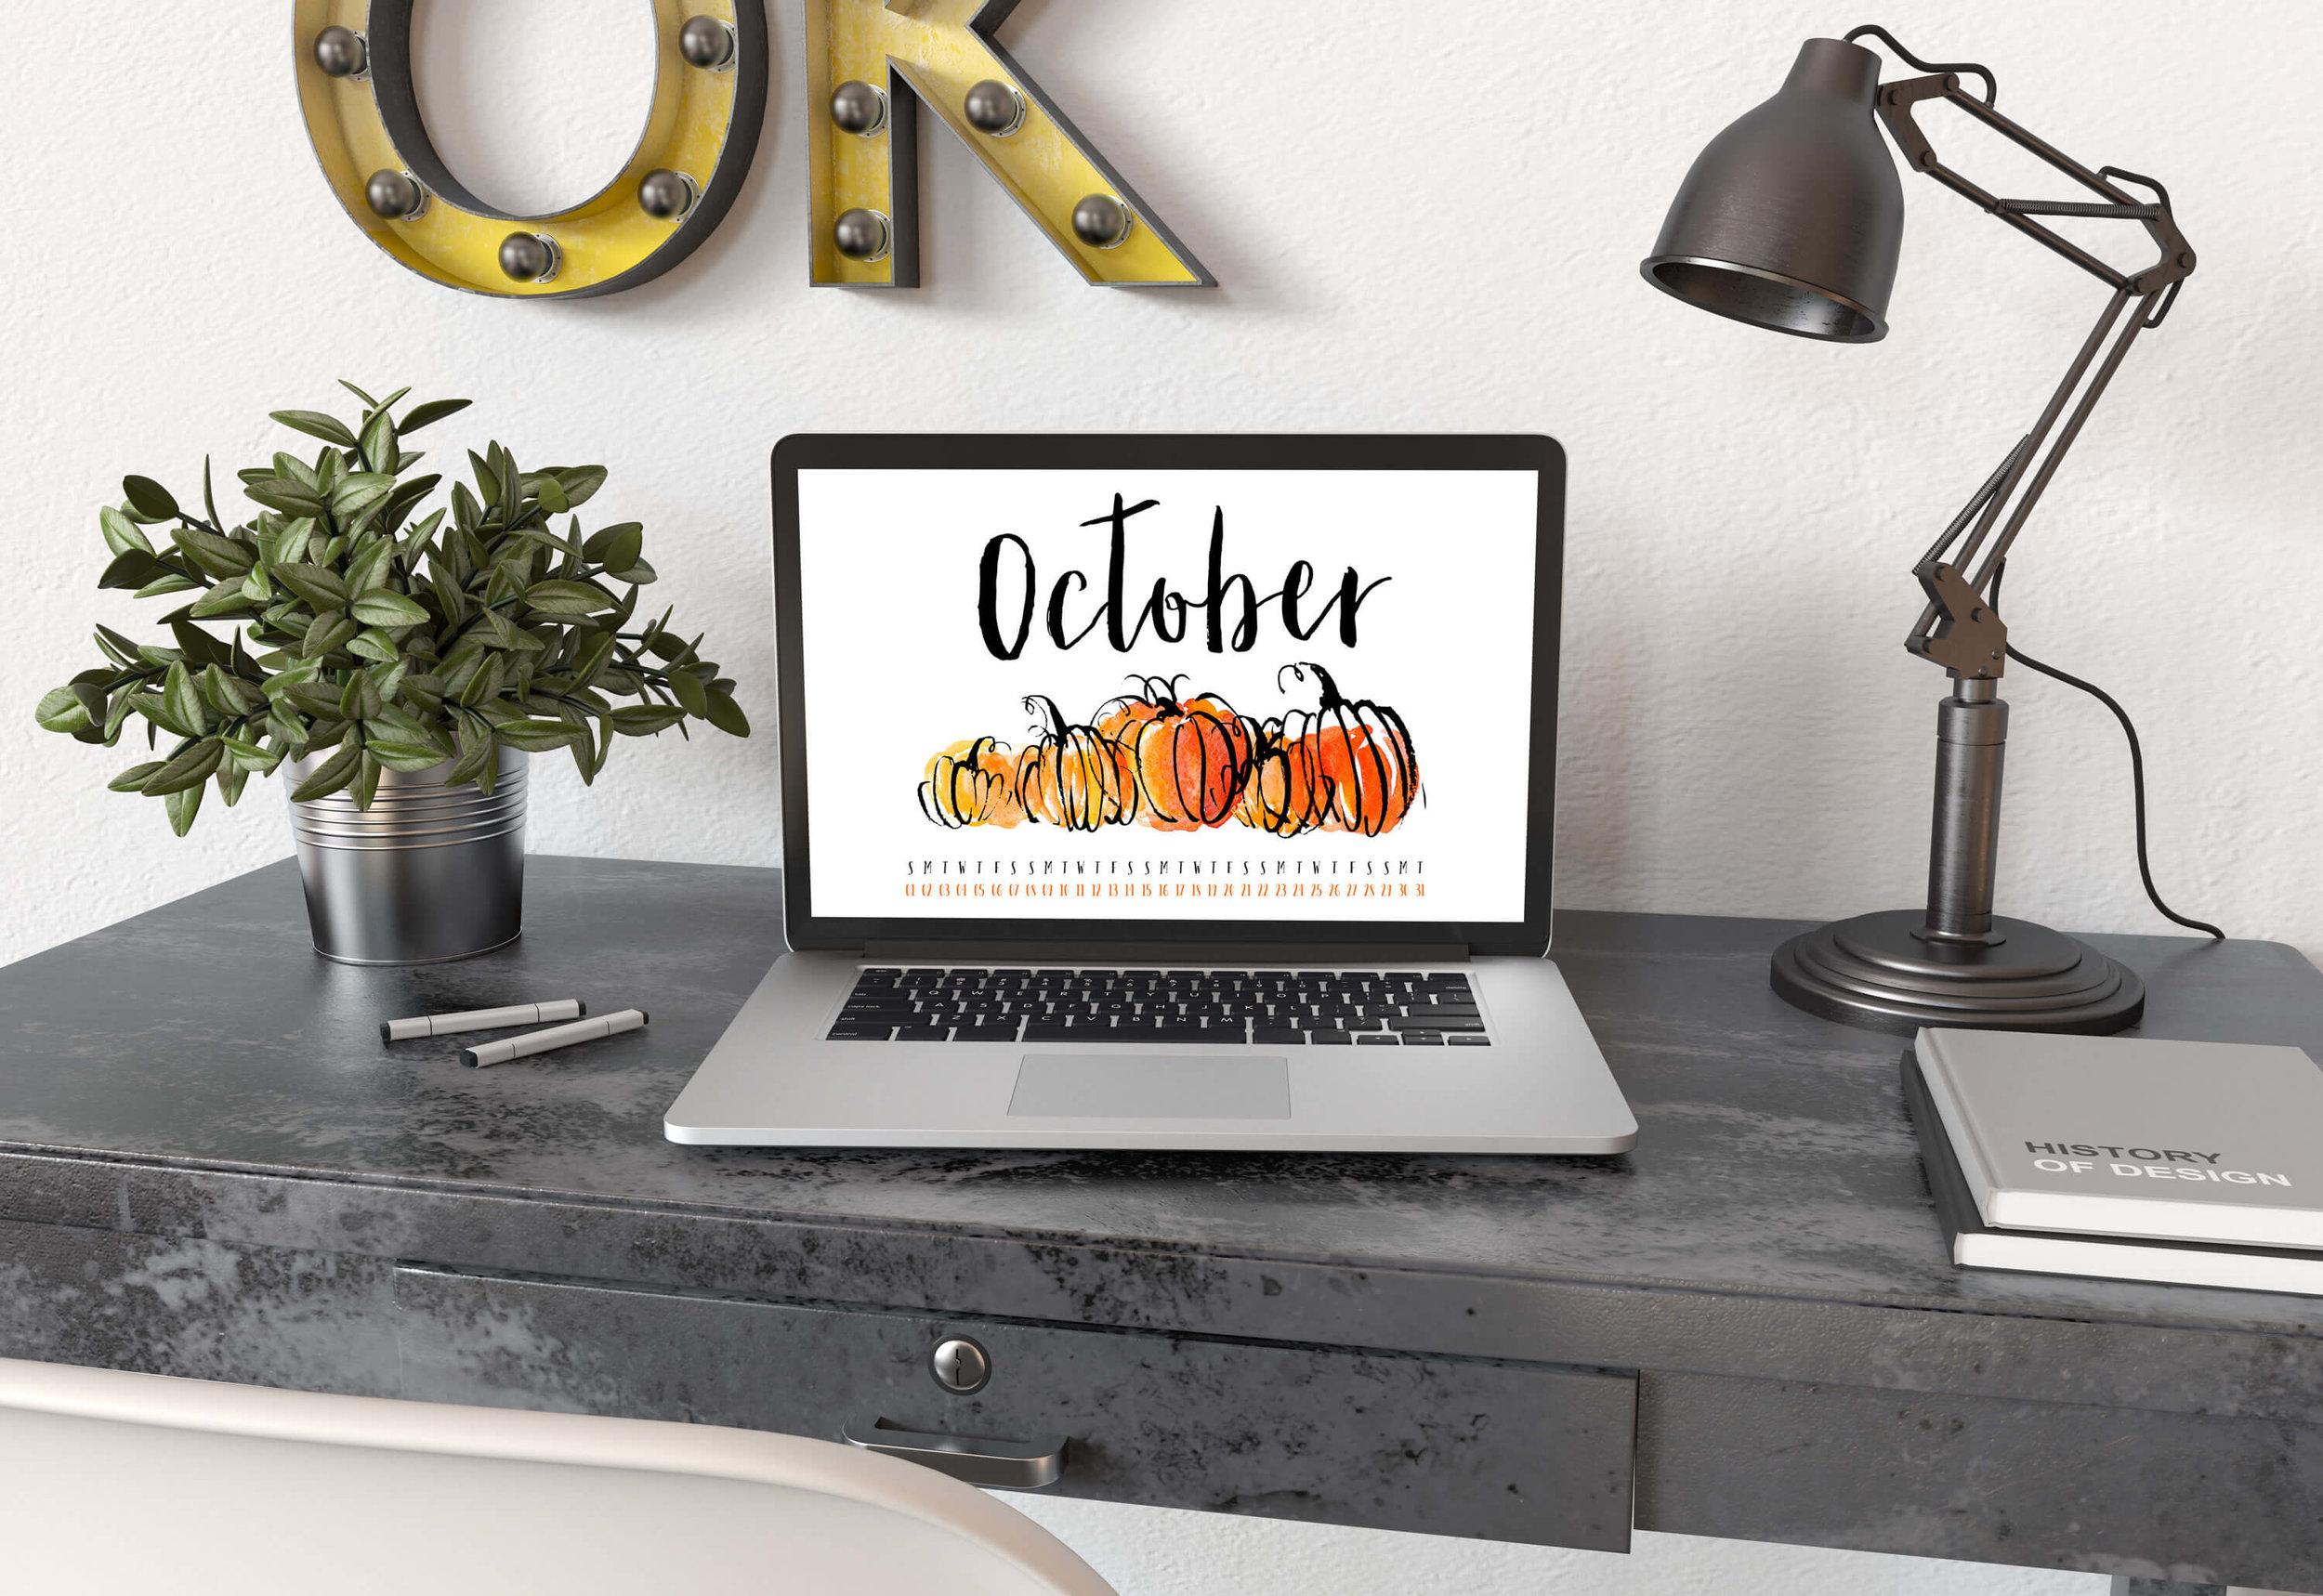 UpperCase-Designs-October-2017-Wallpaper.jpg